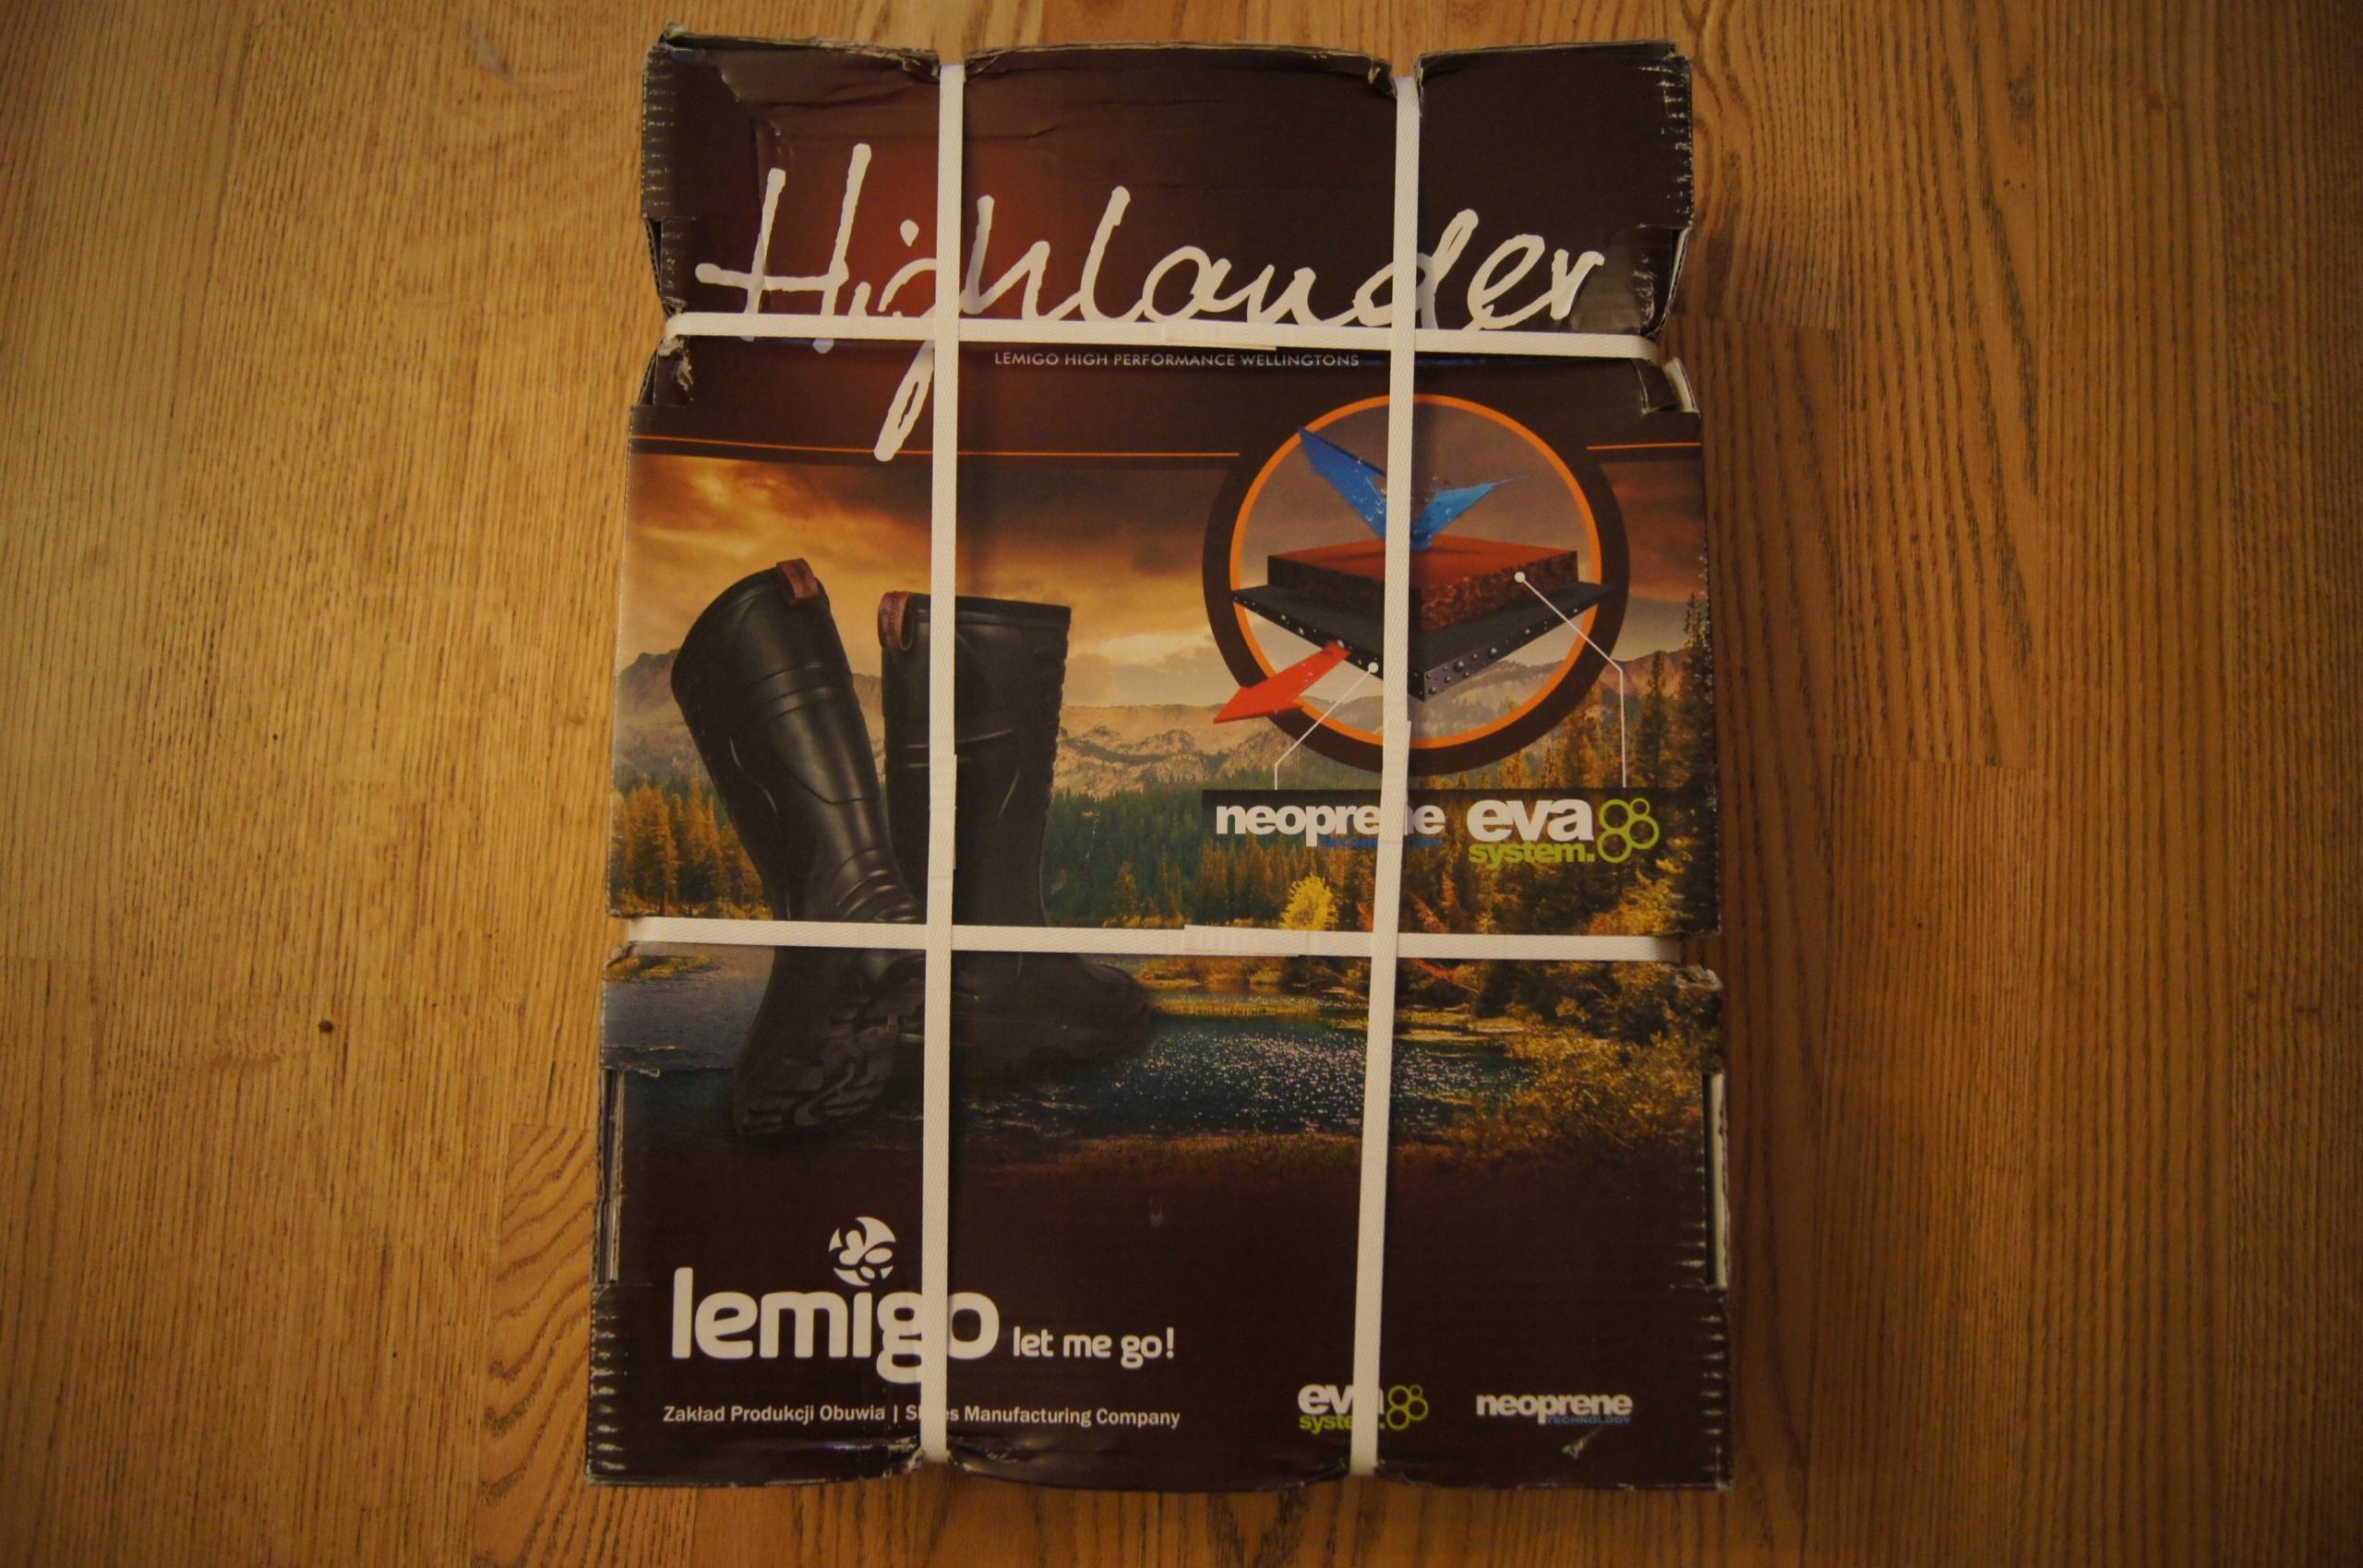 LEMIGO Highlander 872 rozm.43